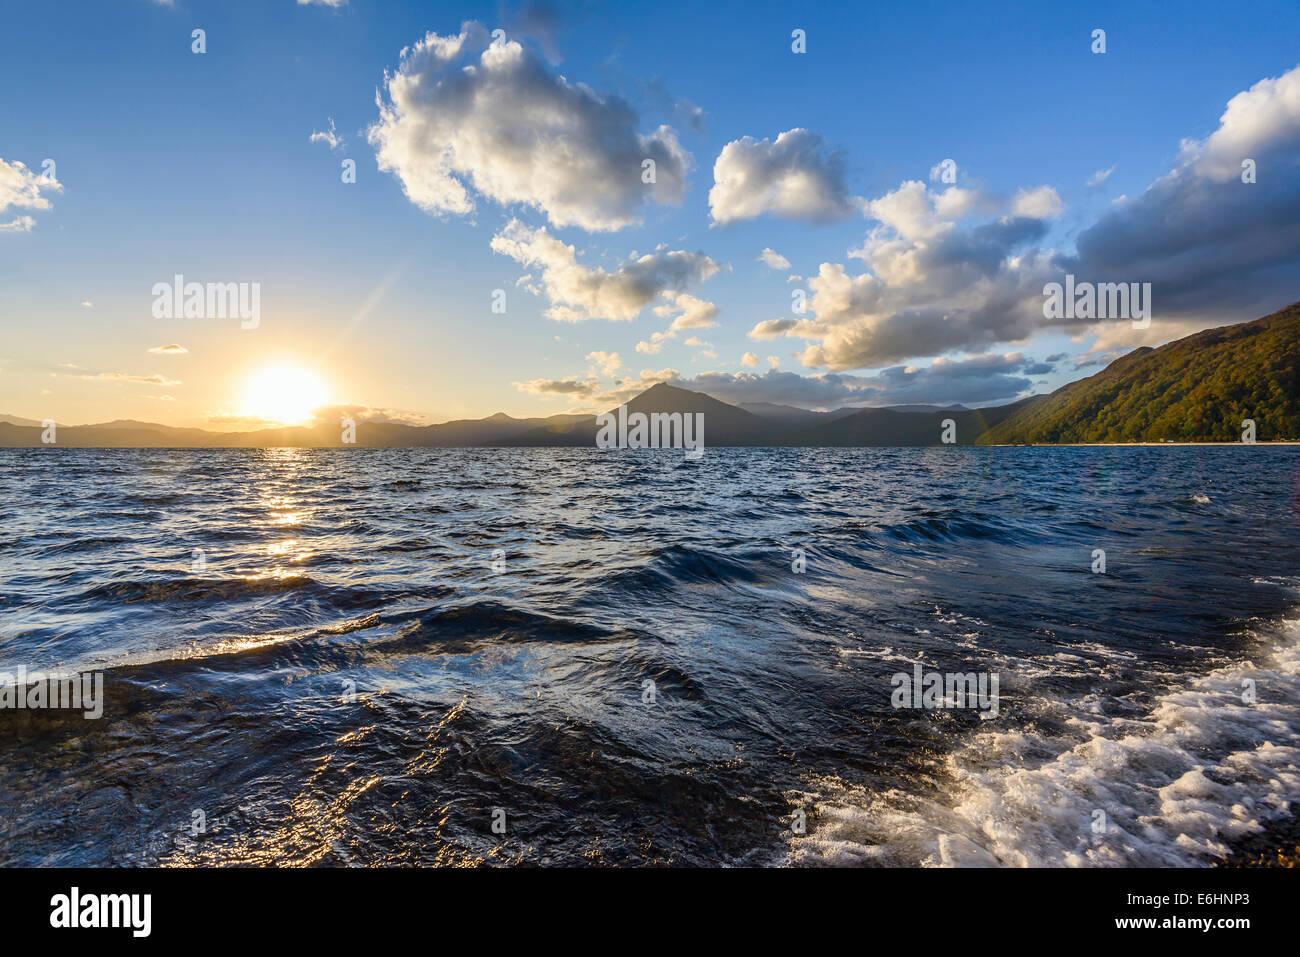 El lago Shikotsu al atardecer en Hokkaido, Japón. Imagen De Stock